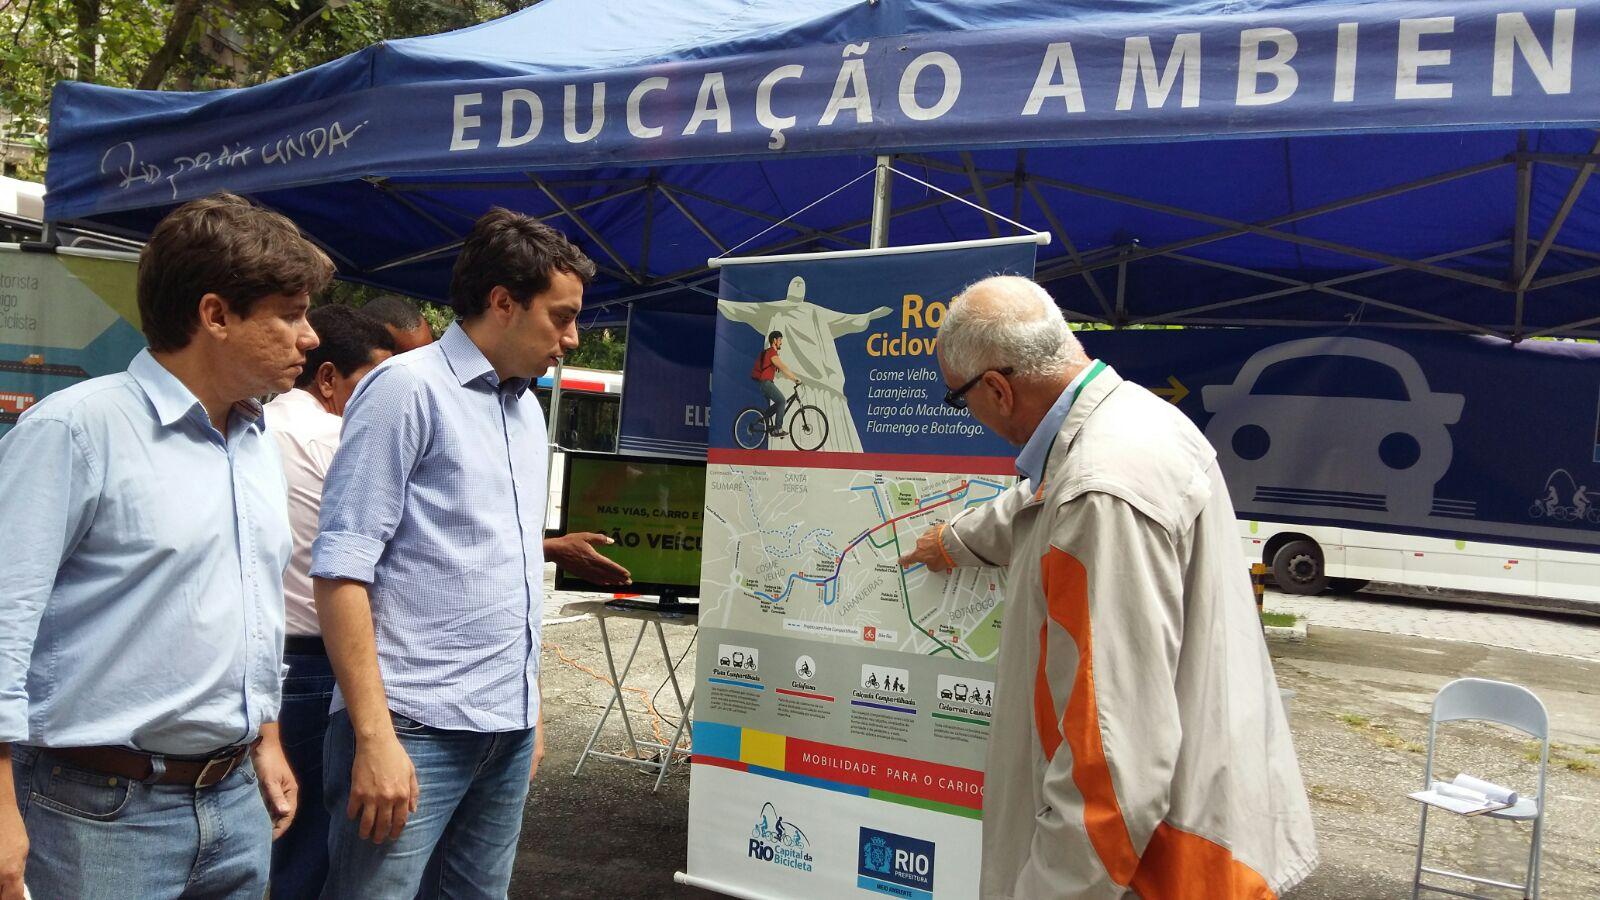 Rio Capital da Bicicleta - Eu apoio